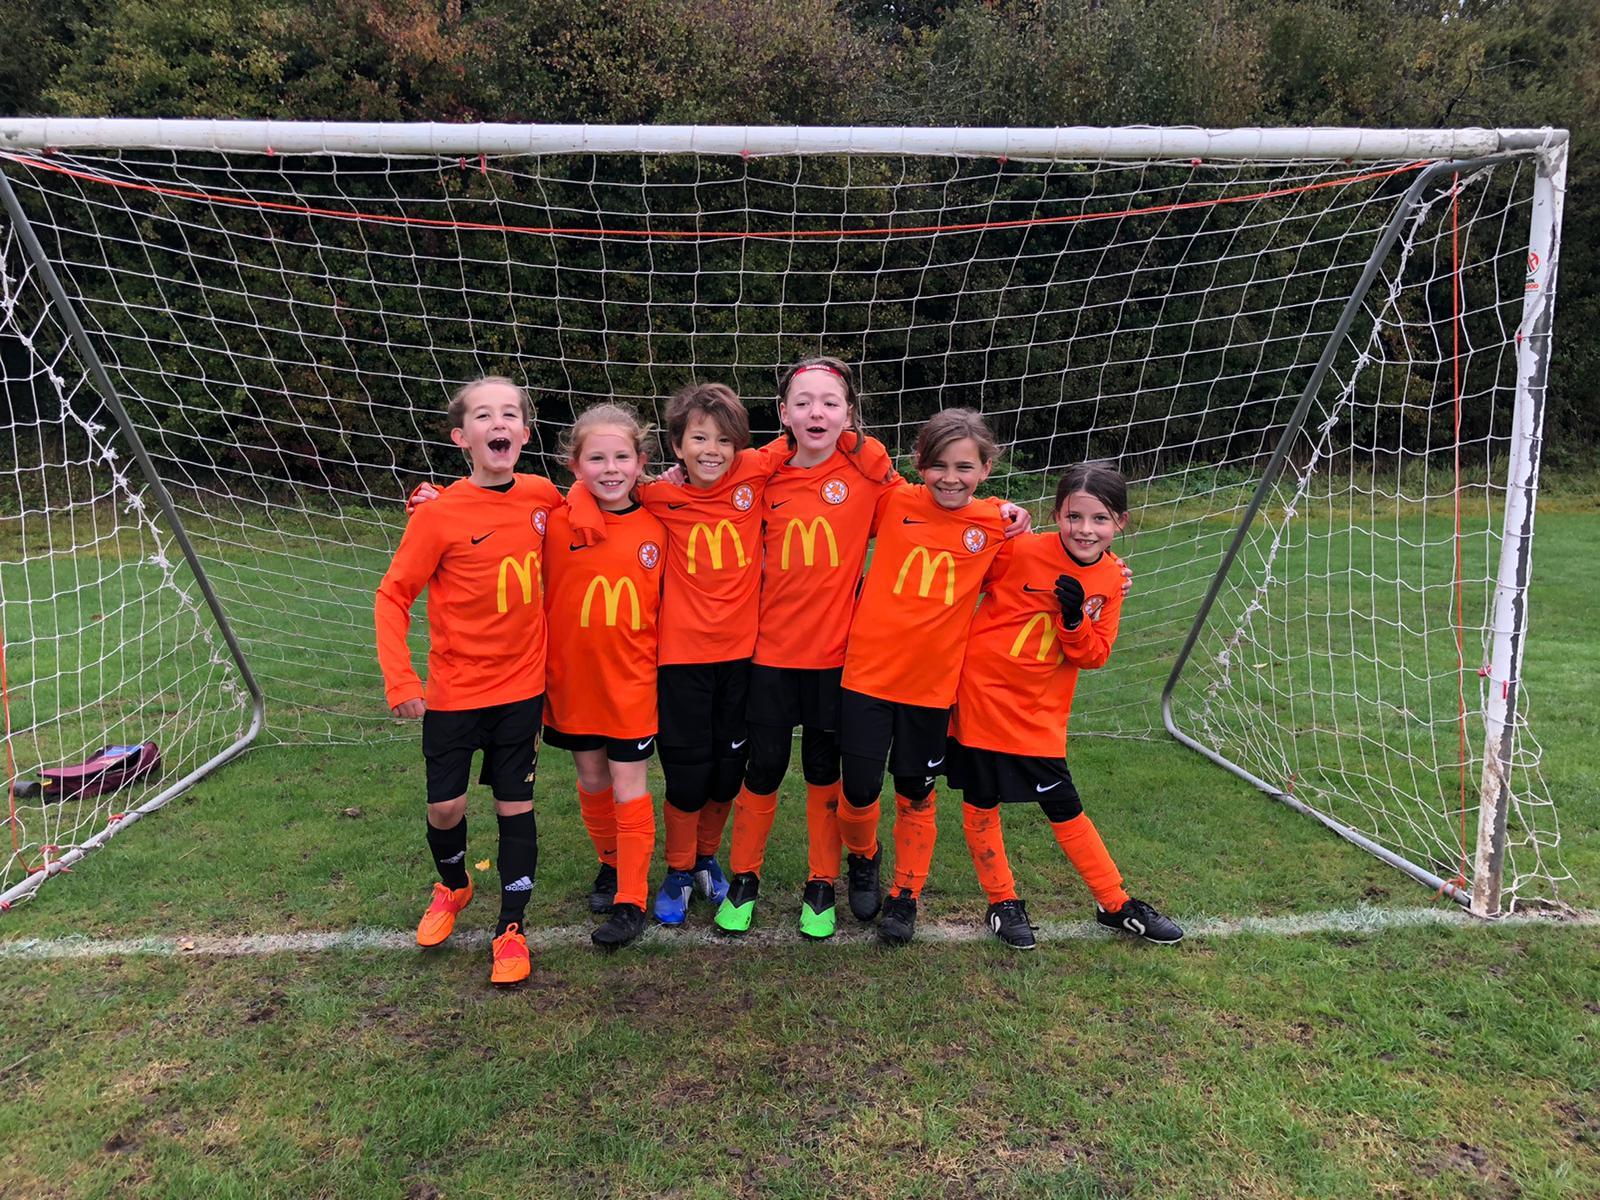 Rugby Borough U9 Girls | Rugby Borough FC